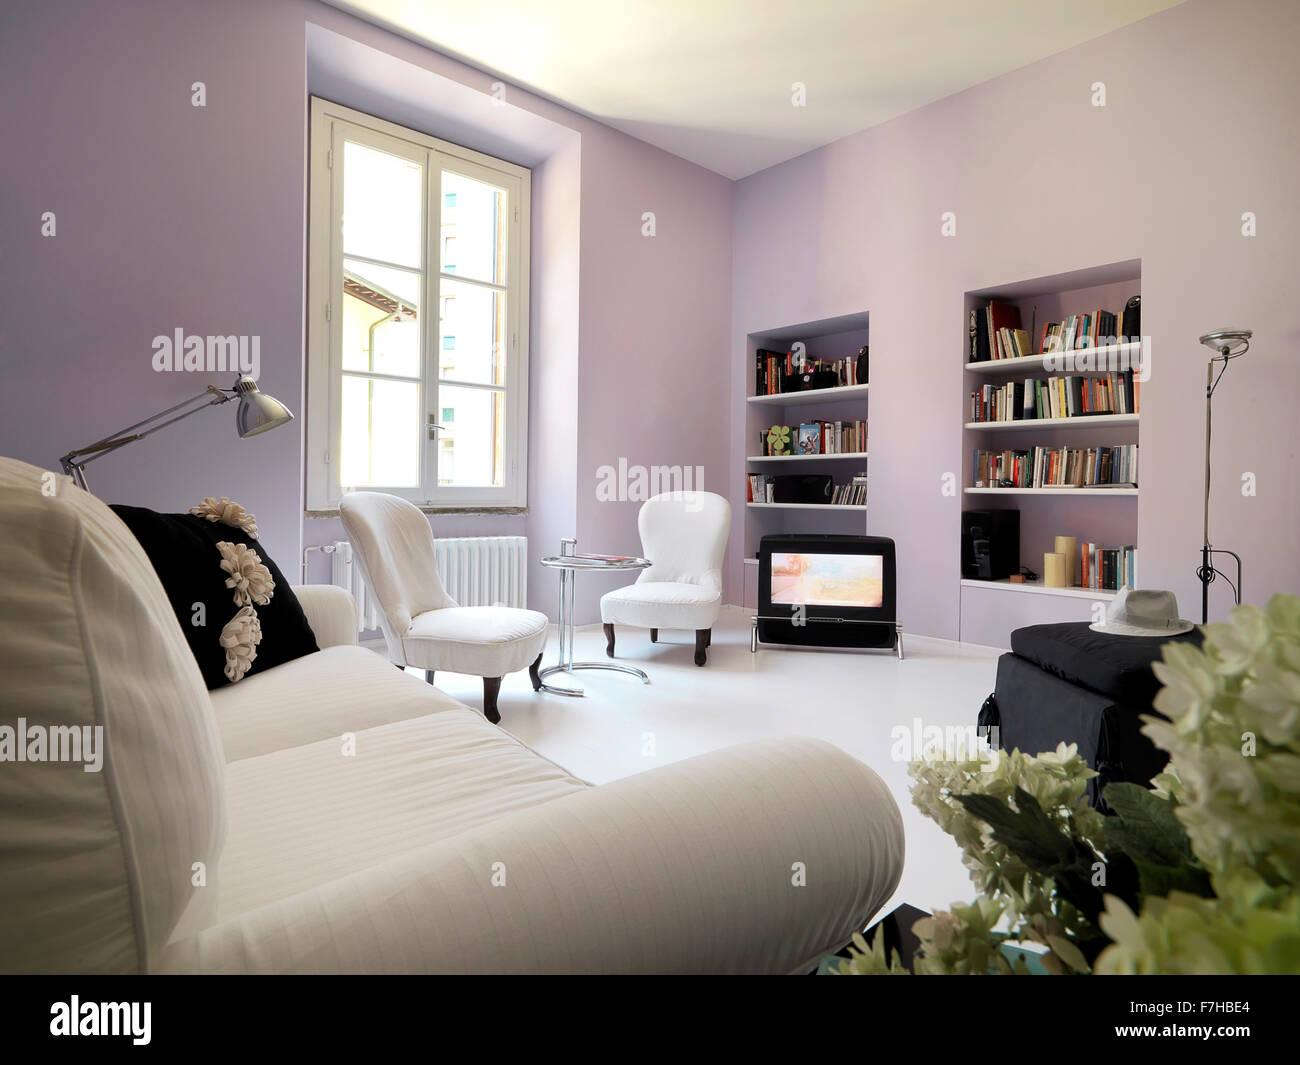 Salón clásico con paredes de color lila y estantería Imagen De Stock